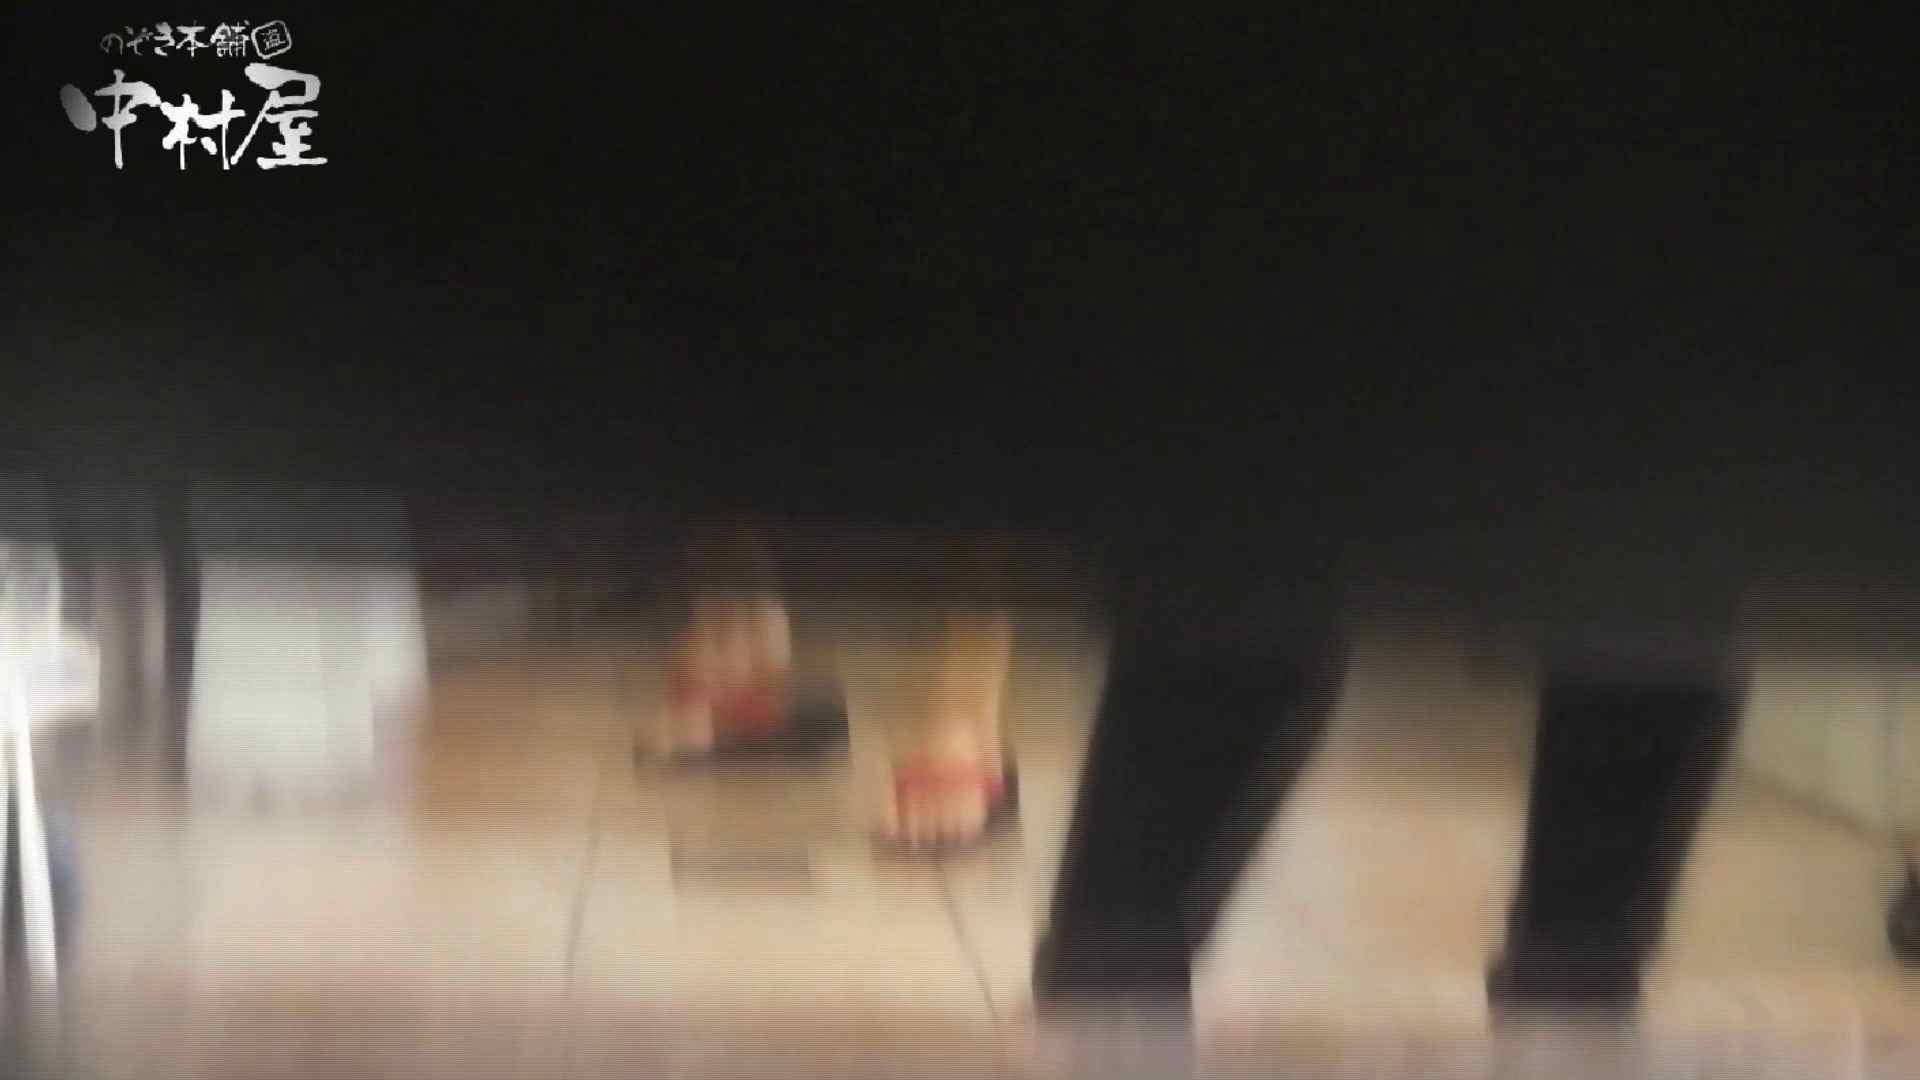 【世界の射窓から~ステーション編~】ステーション編 vol52 我慢して個室に入ったら。||:-)!! 盗撮特集 | おまんこ  79画像 73